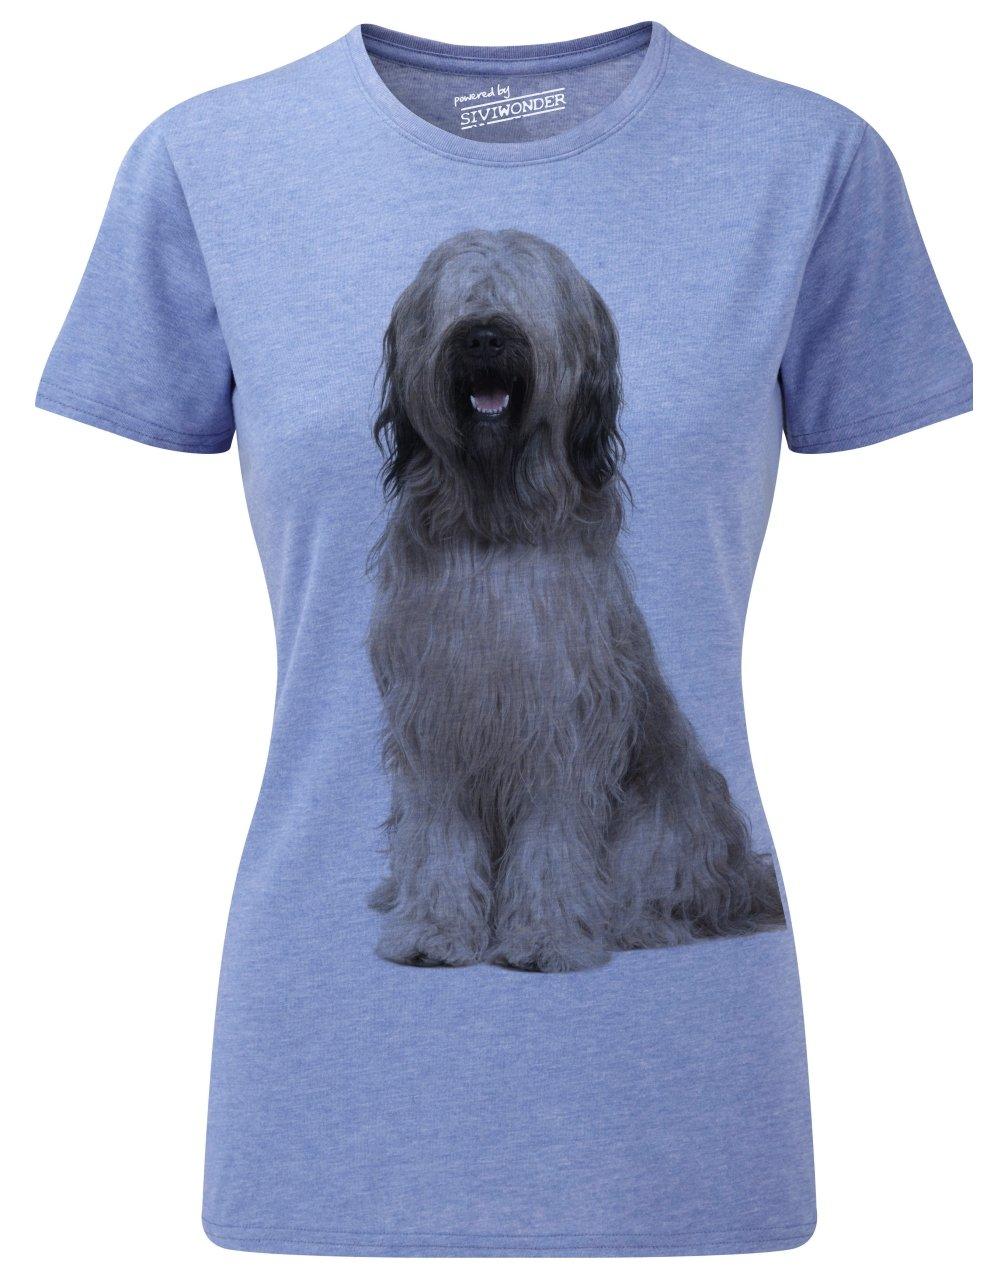 Siviwonder Women T-Shirt BRIARD Berger de Brie Hunde: Amazon.de: Bekleidung